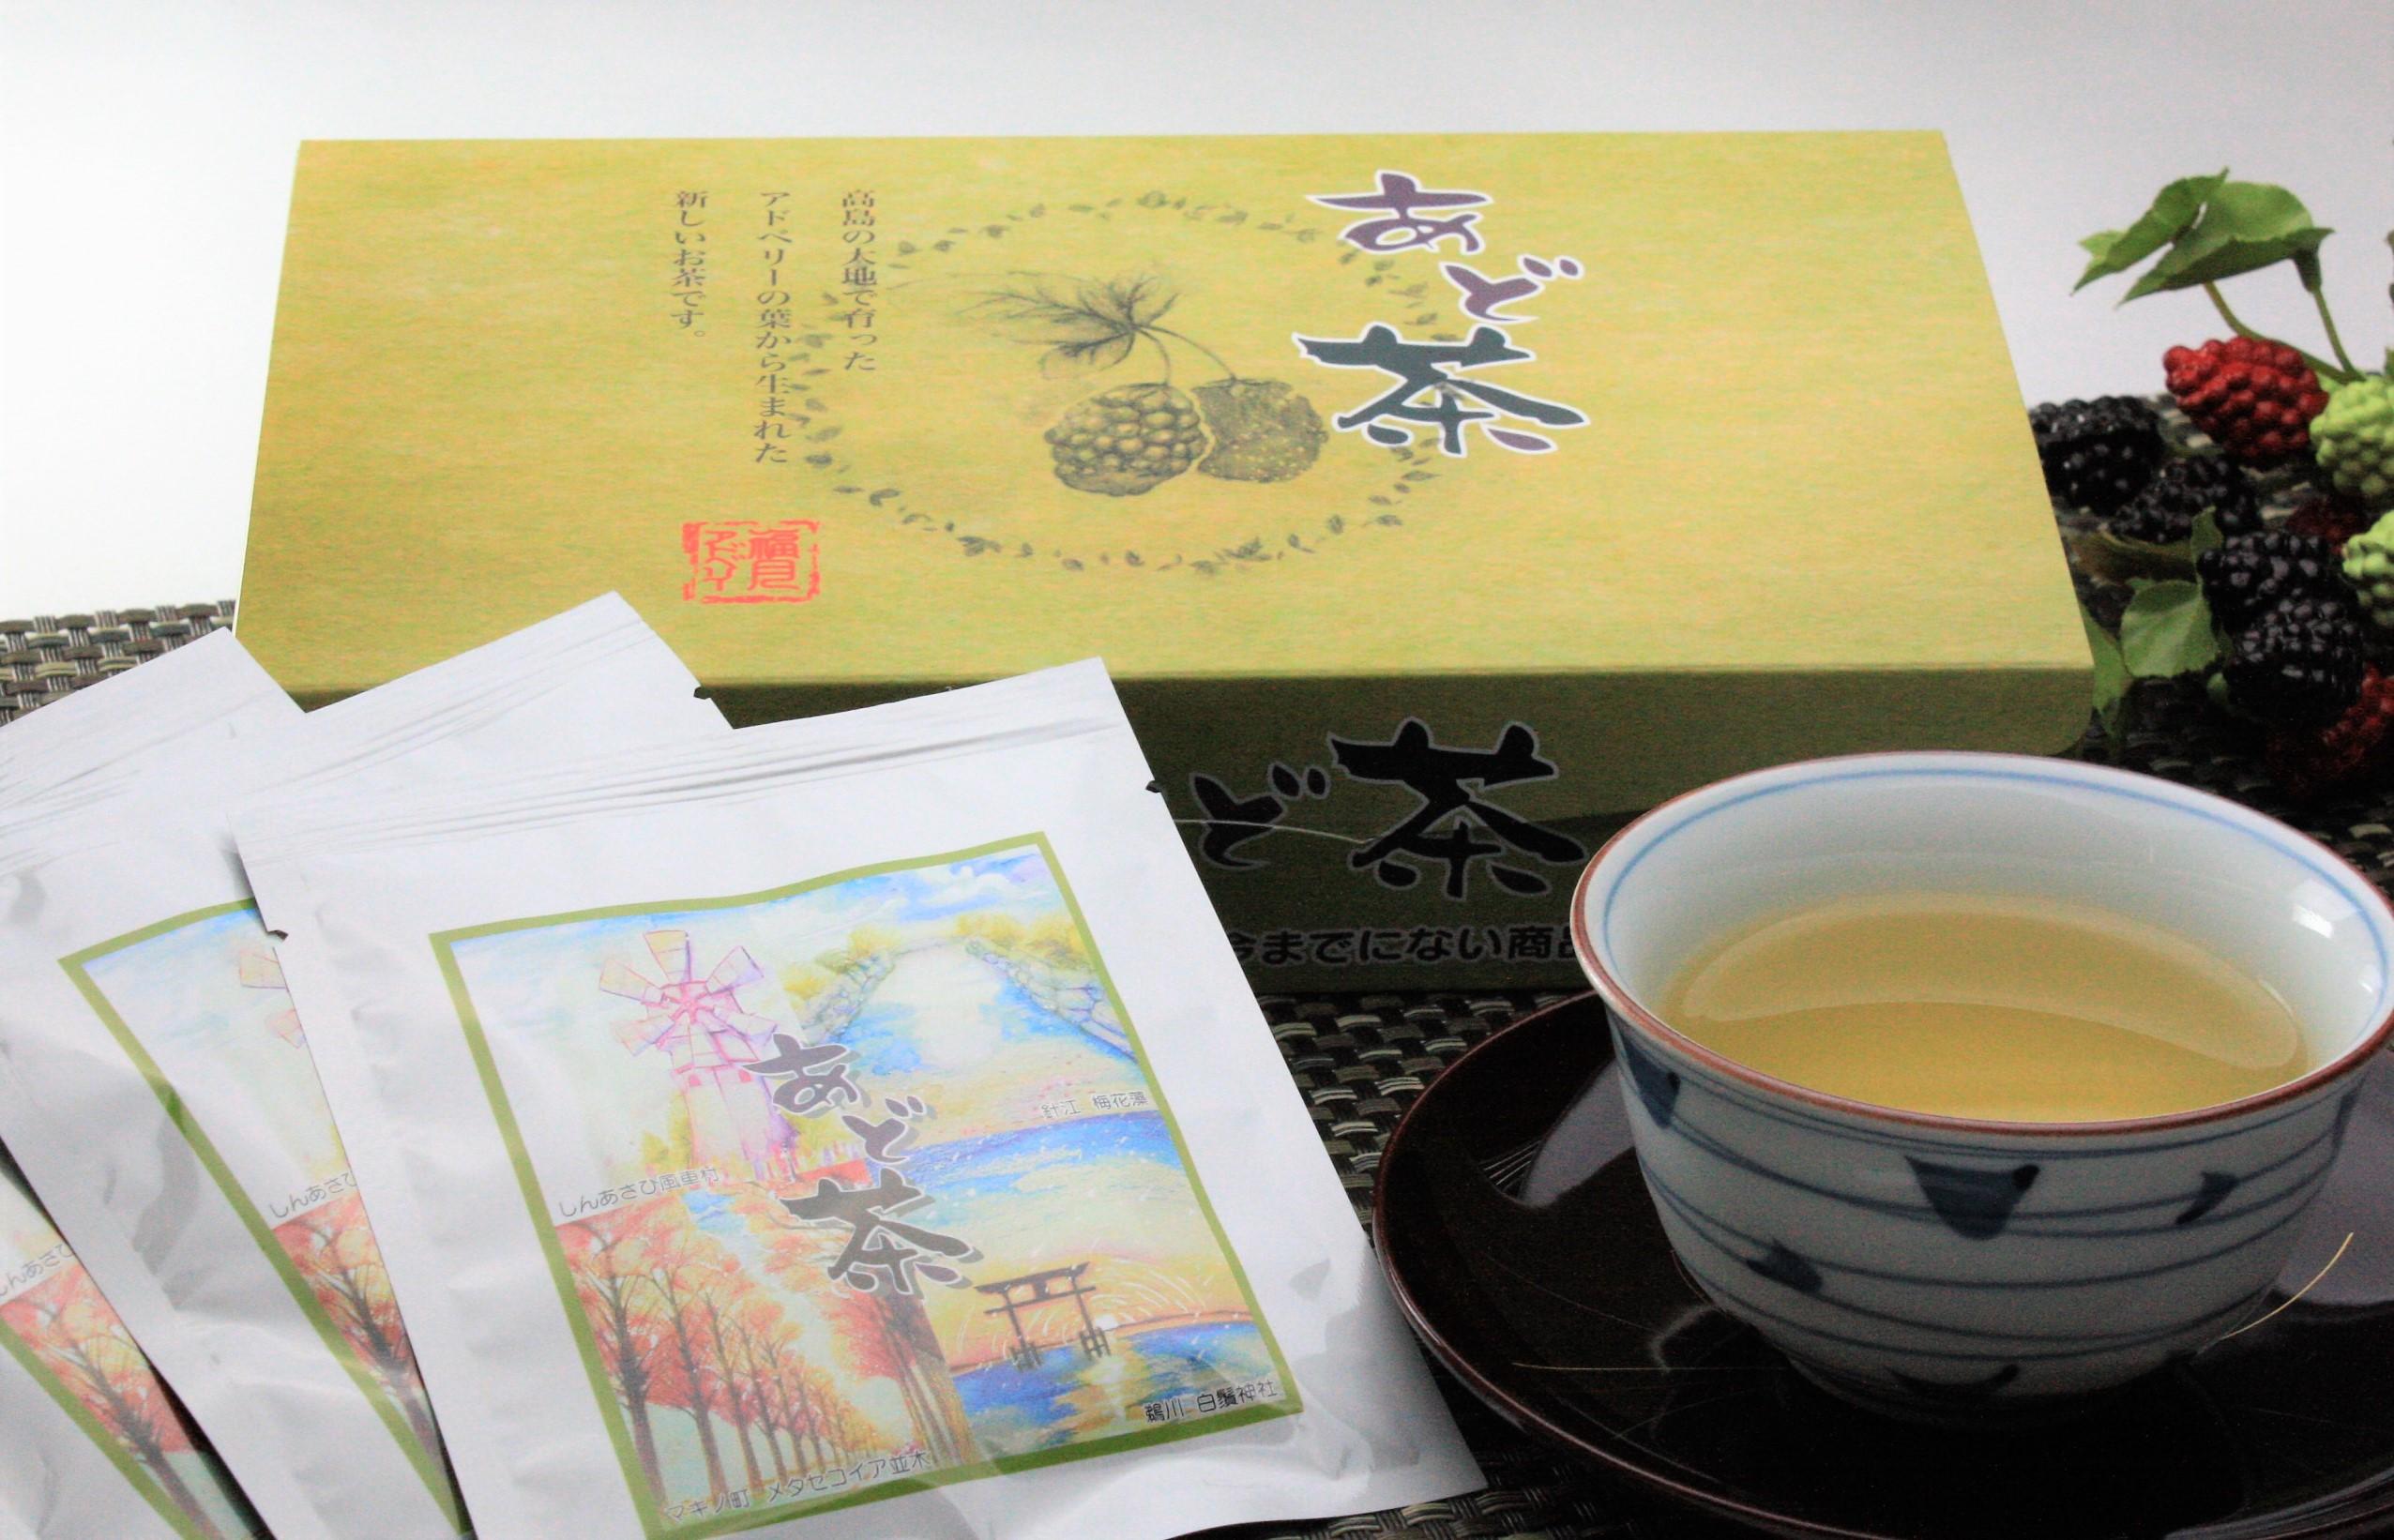 第2回EEGP奨励賞あど茶